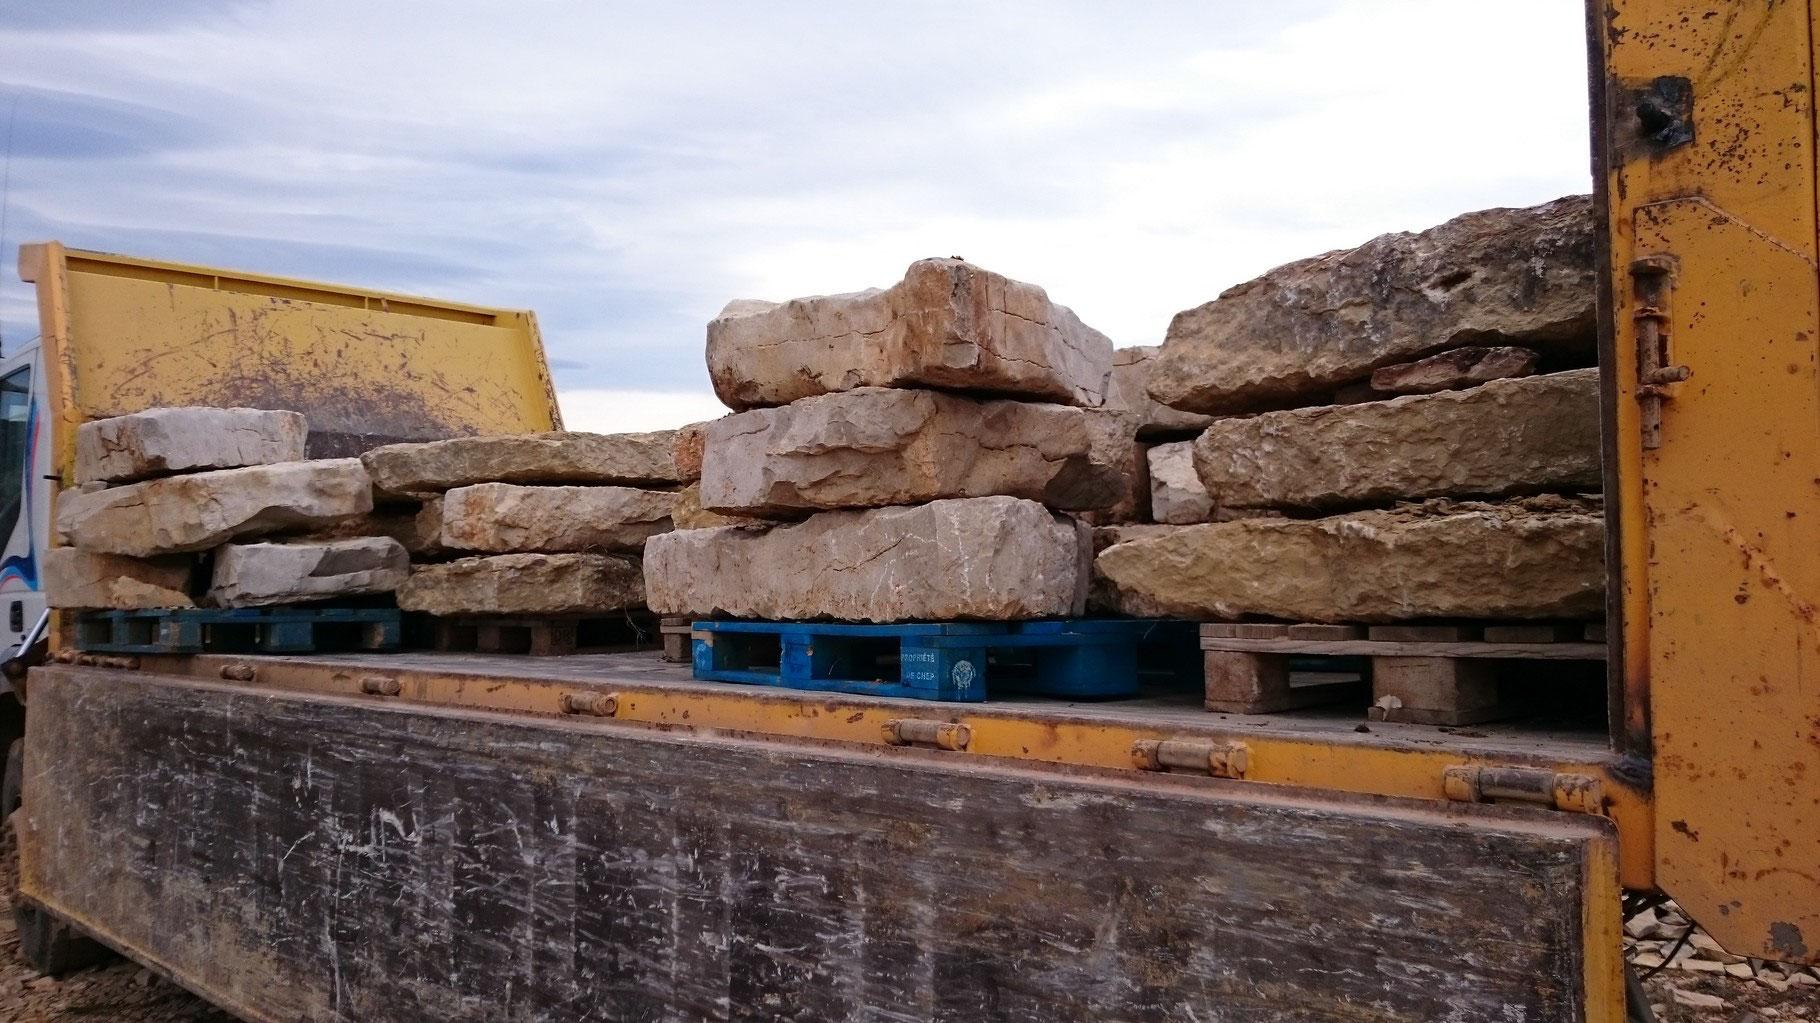 Piedra natural piedra caliza piedras naturales - Piedra caliza fachada ...